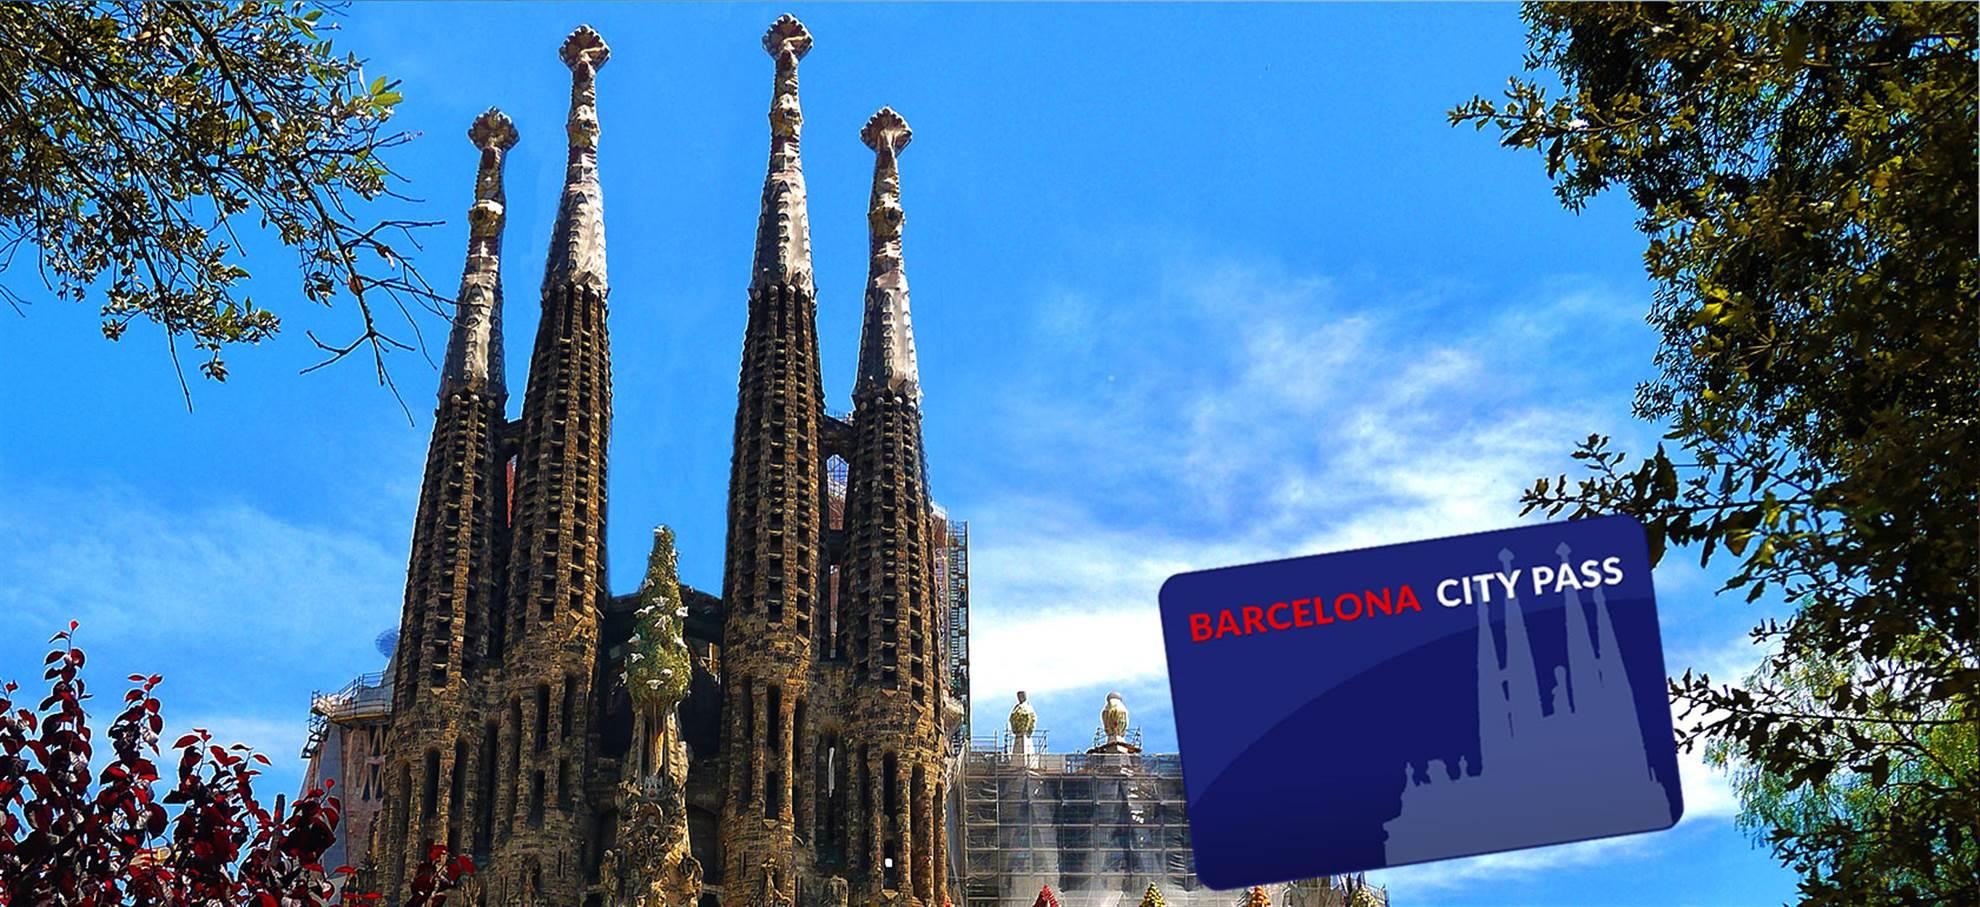 Barcelona City Pass (tartalmazza a Sagrada Famíliát és a Güell parkot)